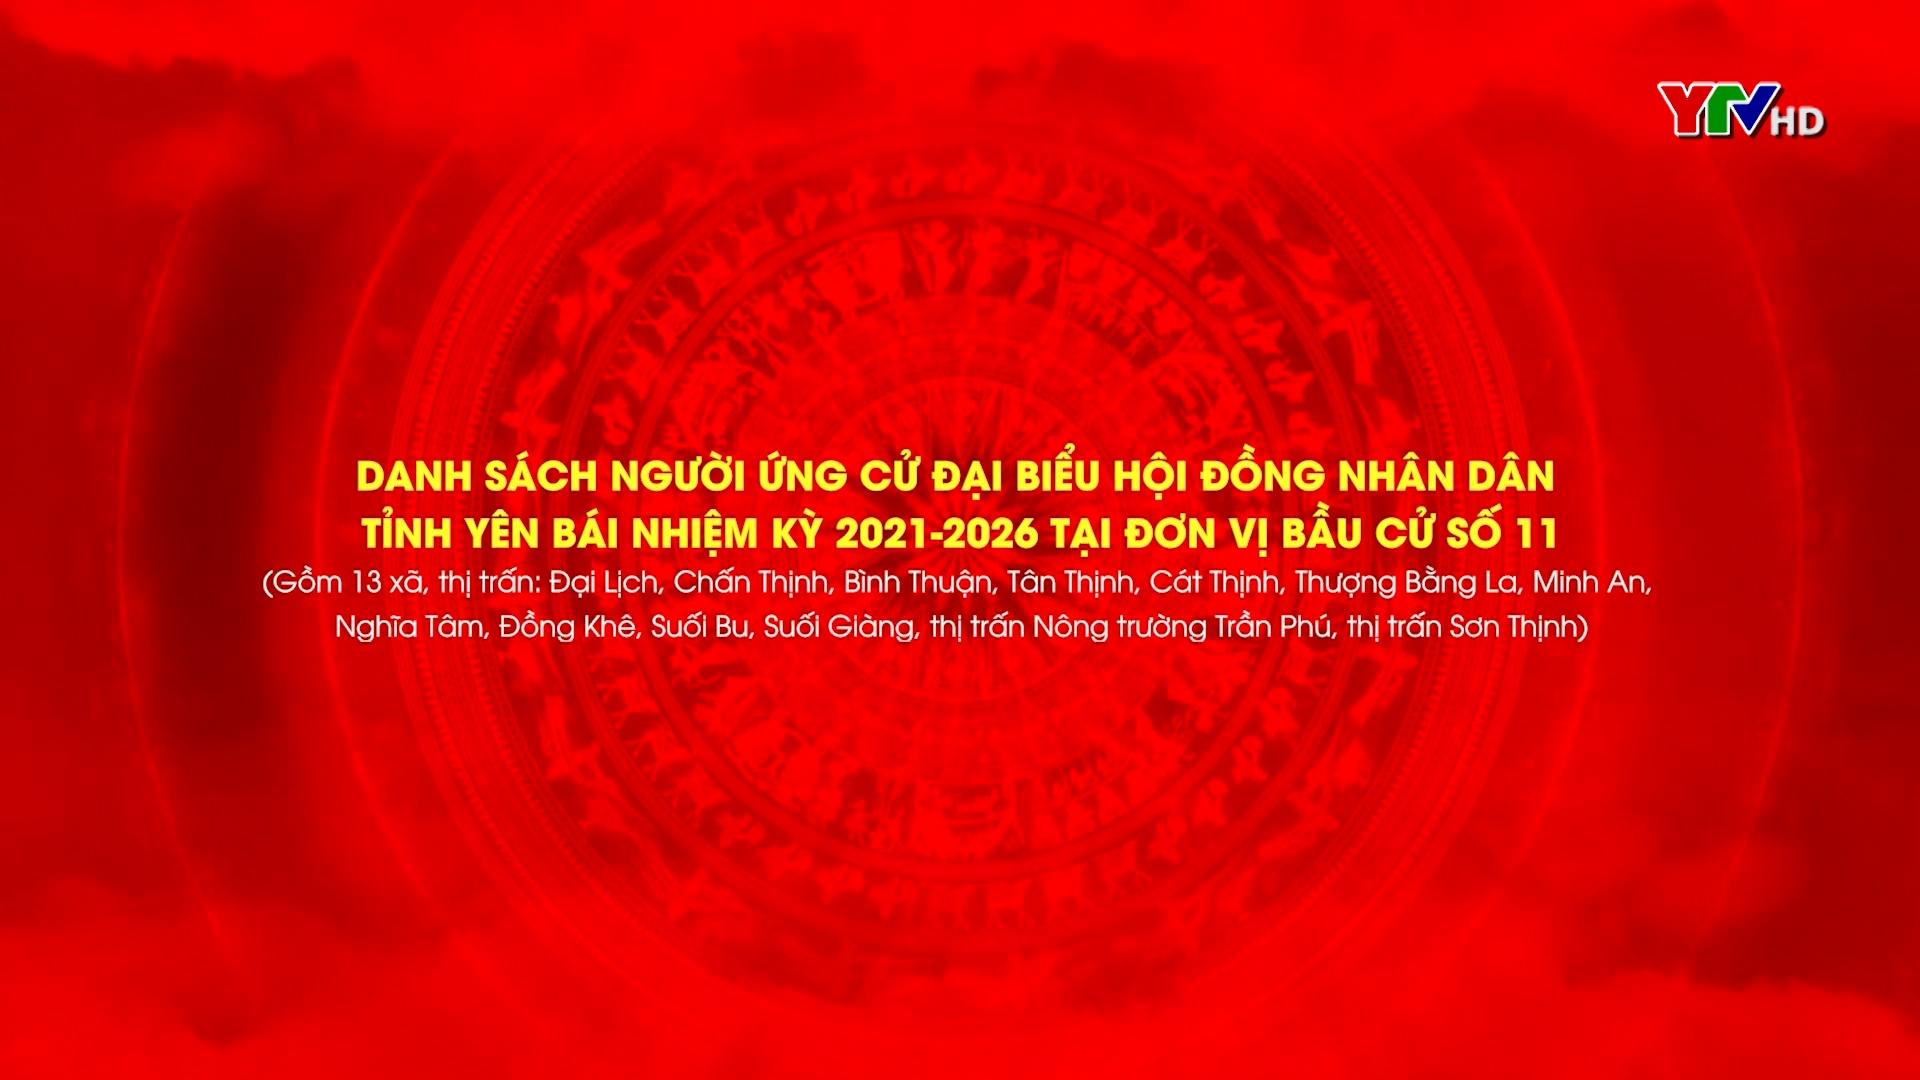 Danh sách các ứng cử viên Đại biểu HĐND tỉnh Yên Bái khóa XIX, nhiệm kỳ 2021 - 2026 ( Từ Đơn vị Bầu cử số 11 đến Đơn vị bầu cử số 15)